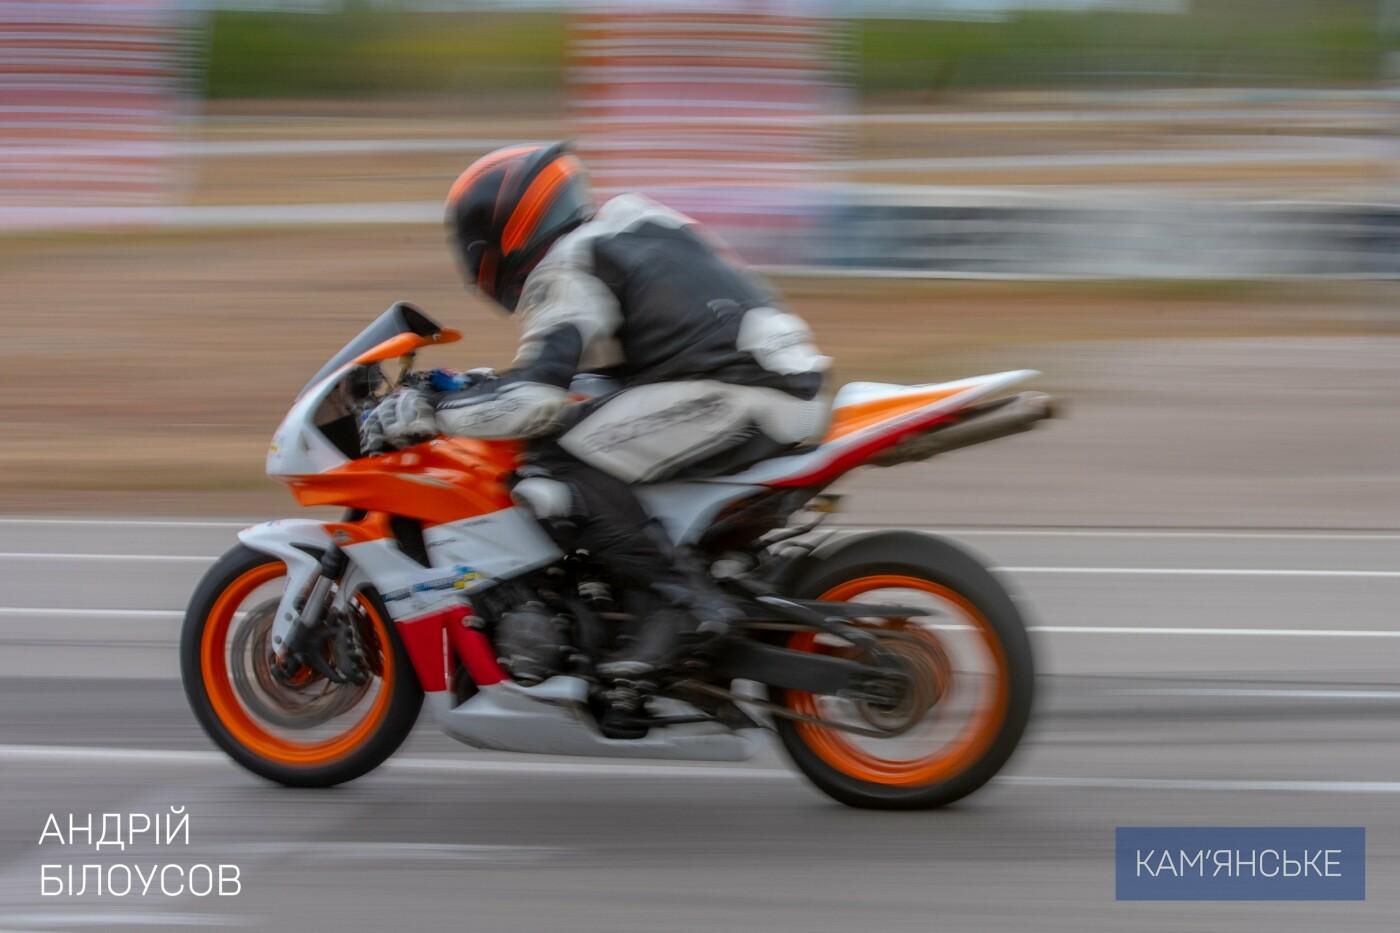 В Каменском прошел финал чемпионата по шоссейно-кольцевым гонкам - UA Riders CUP, фото-6